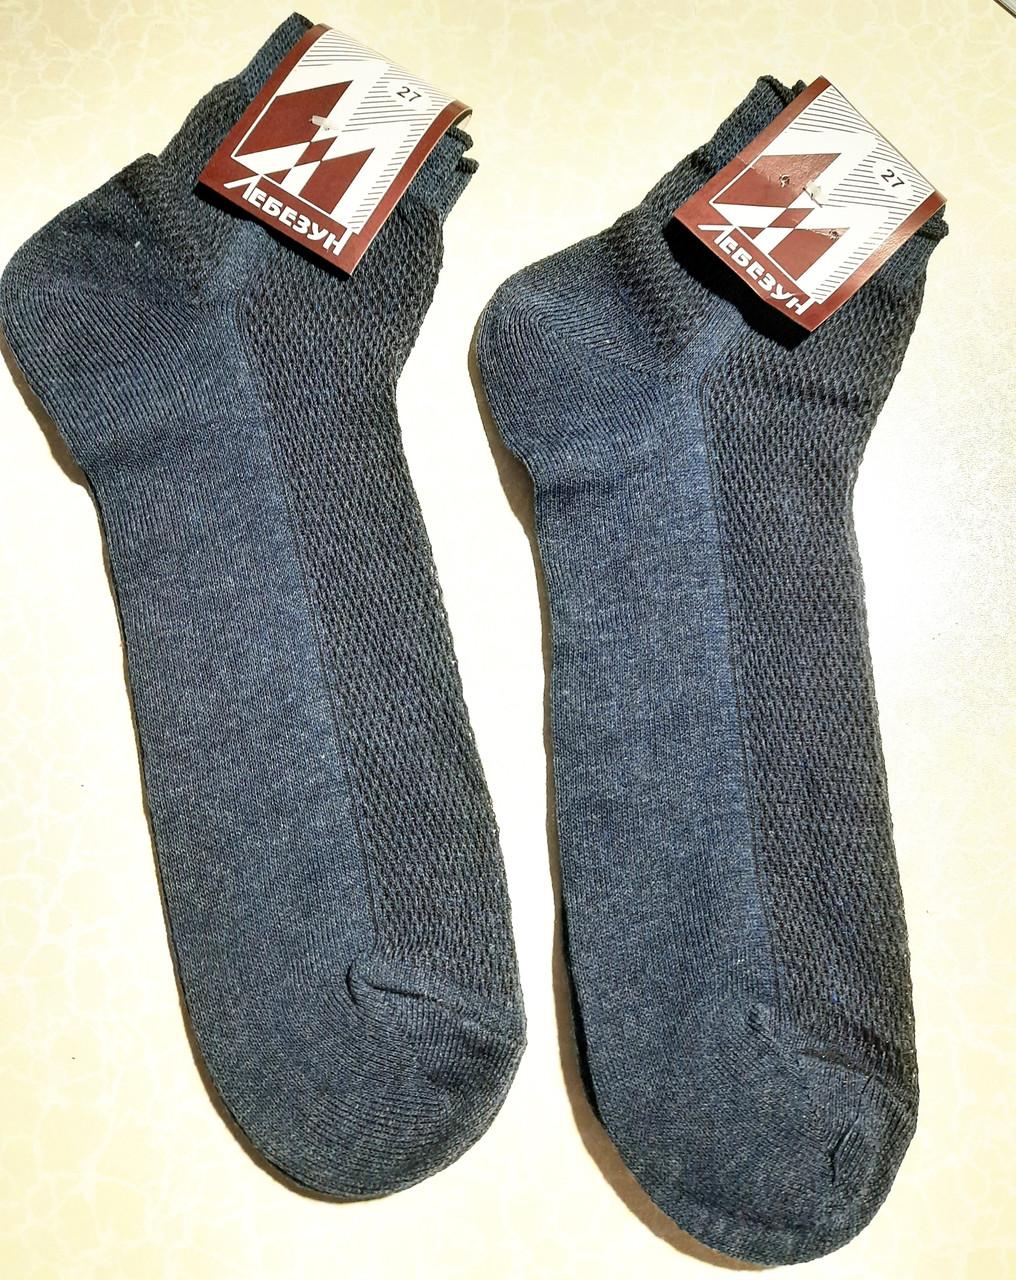 Шкарпетки чоловічі вставка сіточка укорочені бавовна р. 27 колір синій Від 6 пар по 5грн